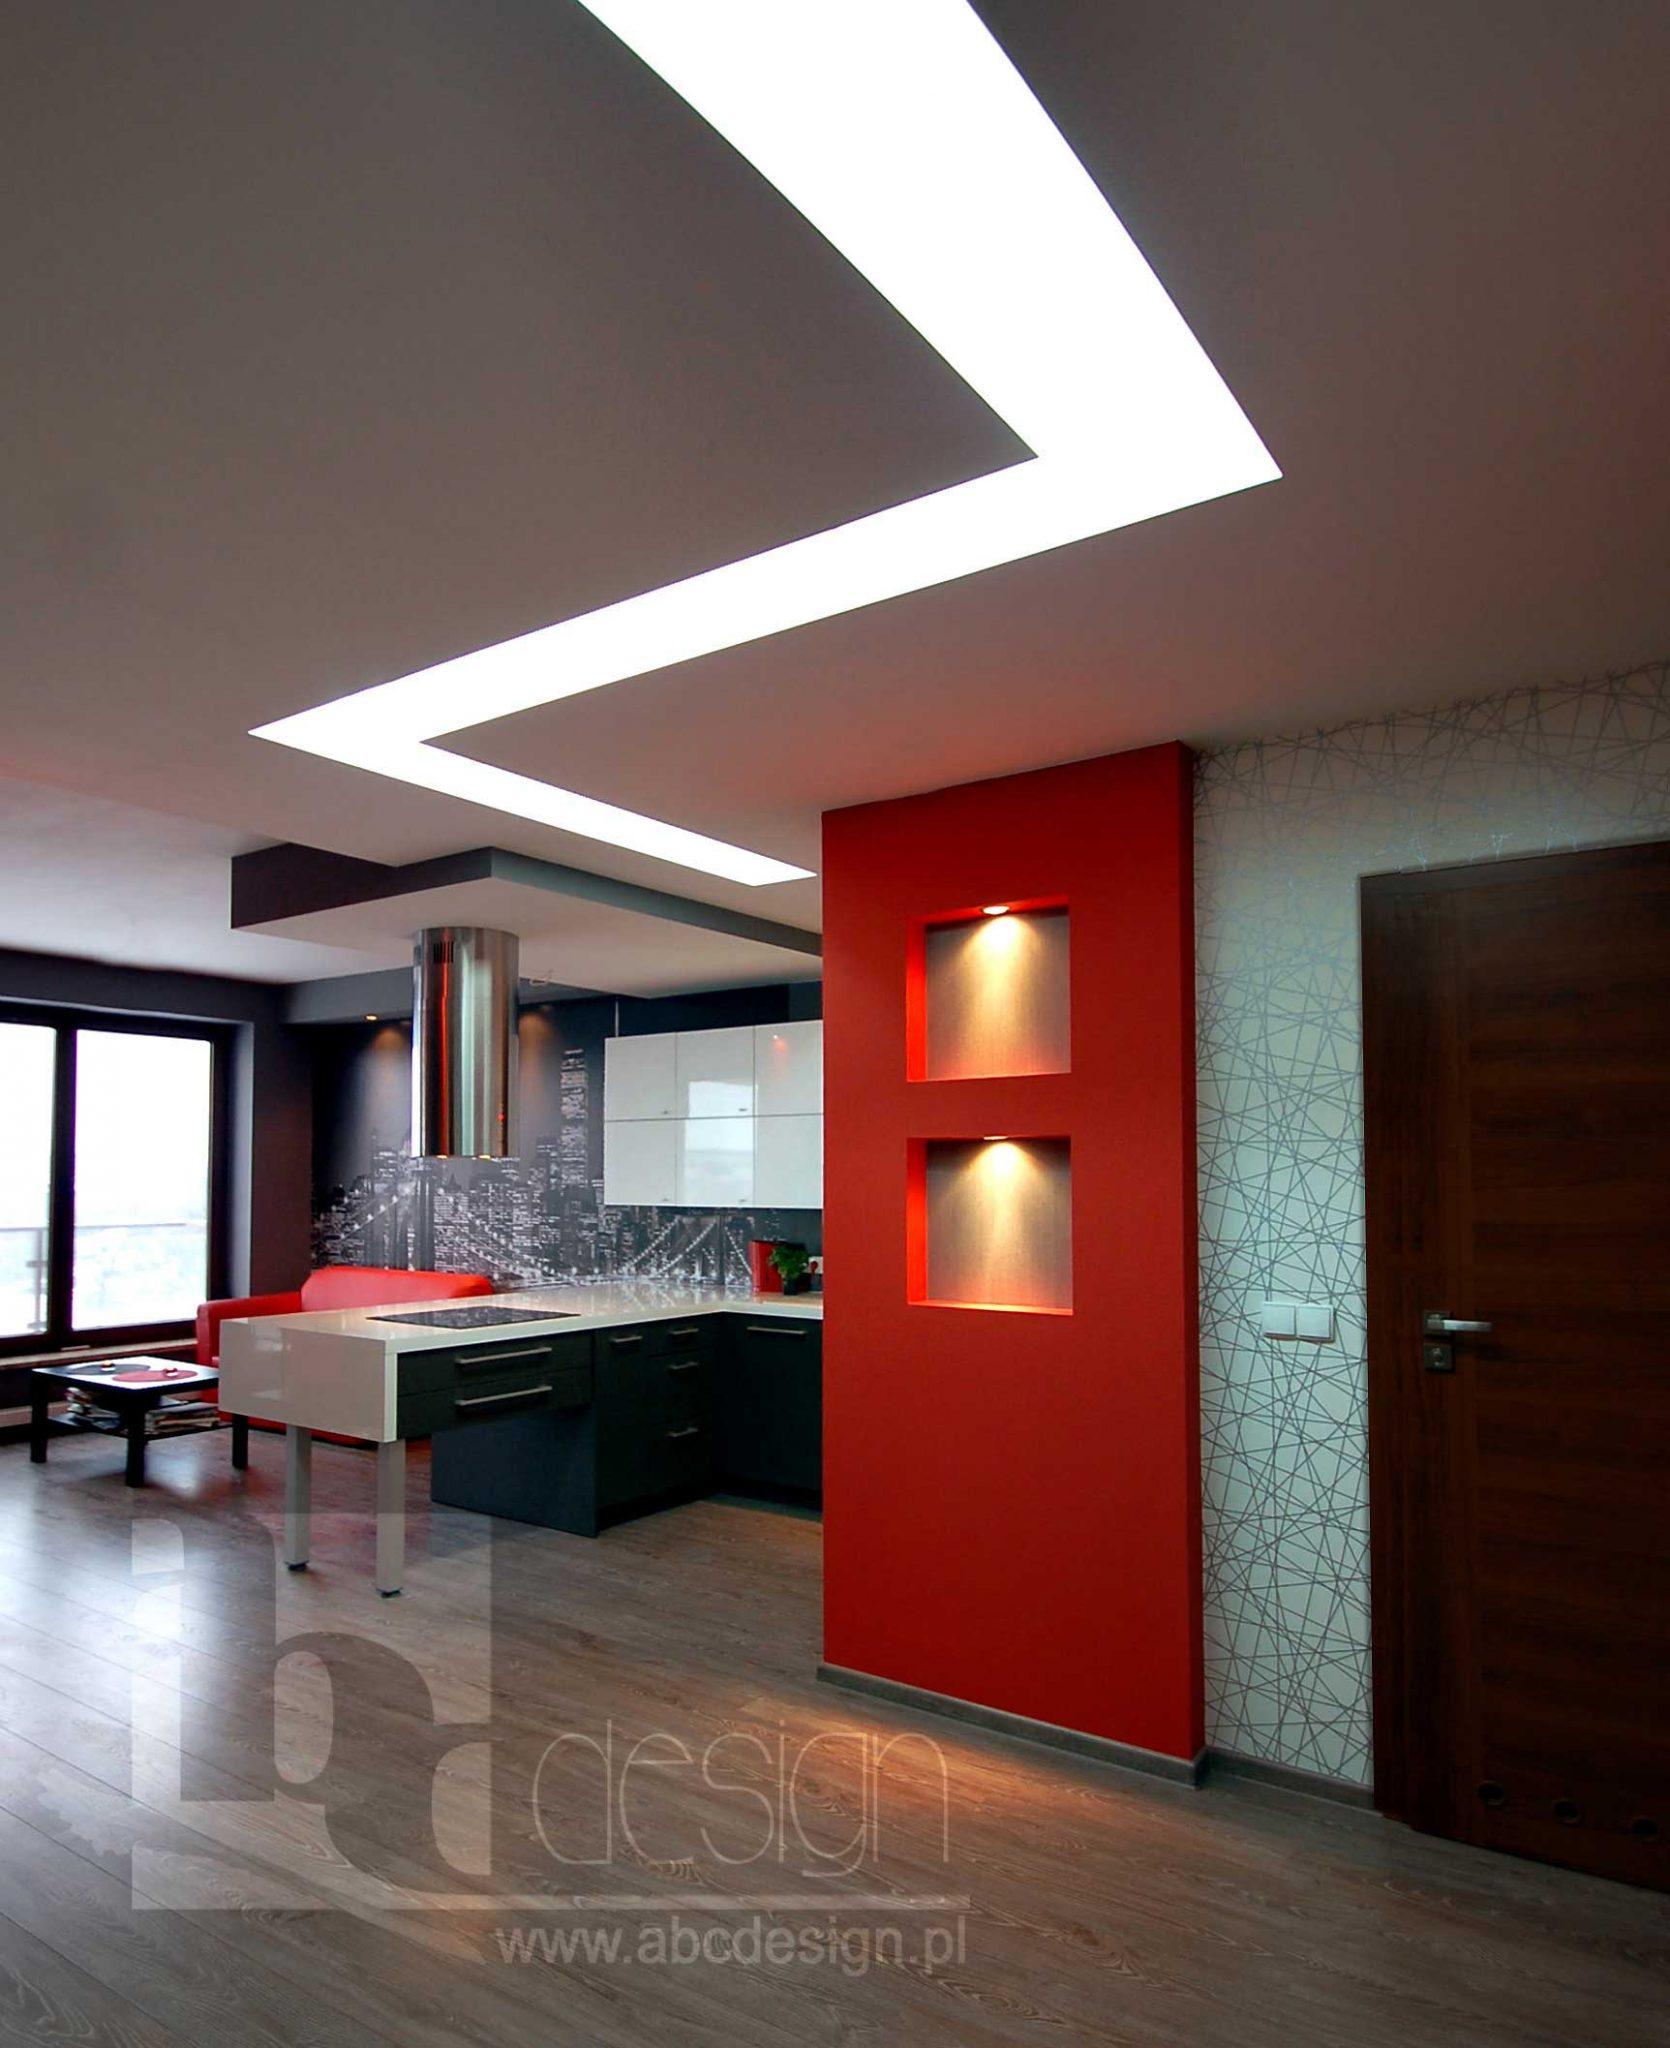 nowoczesna-kuchnia-grafit-i-czerwien-(8)